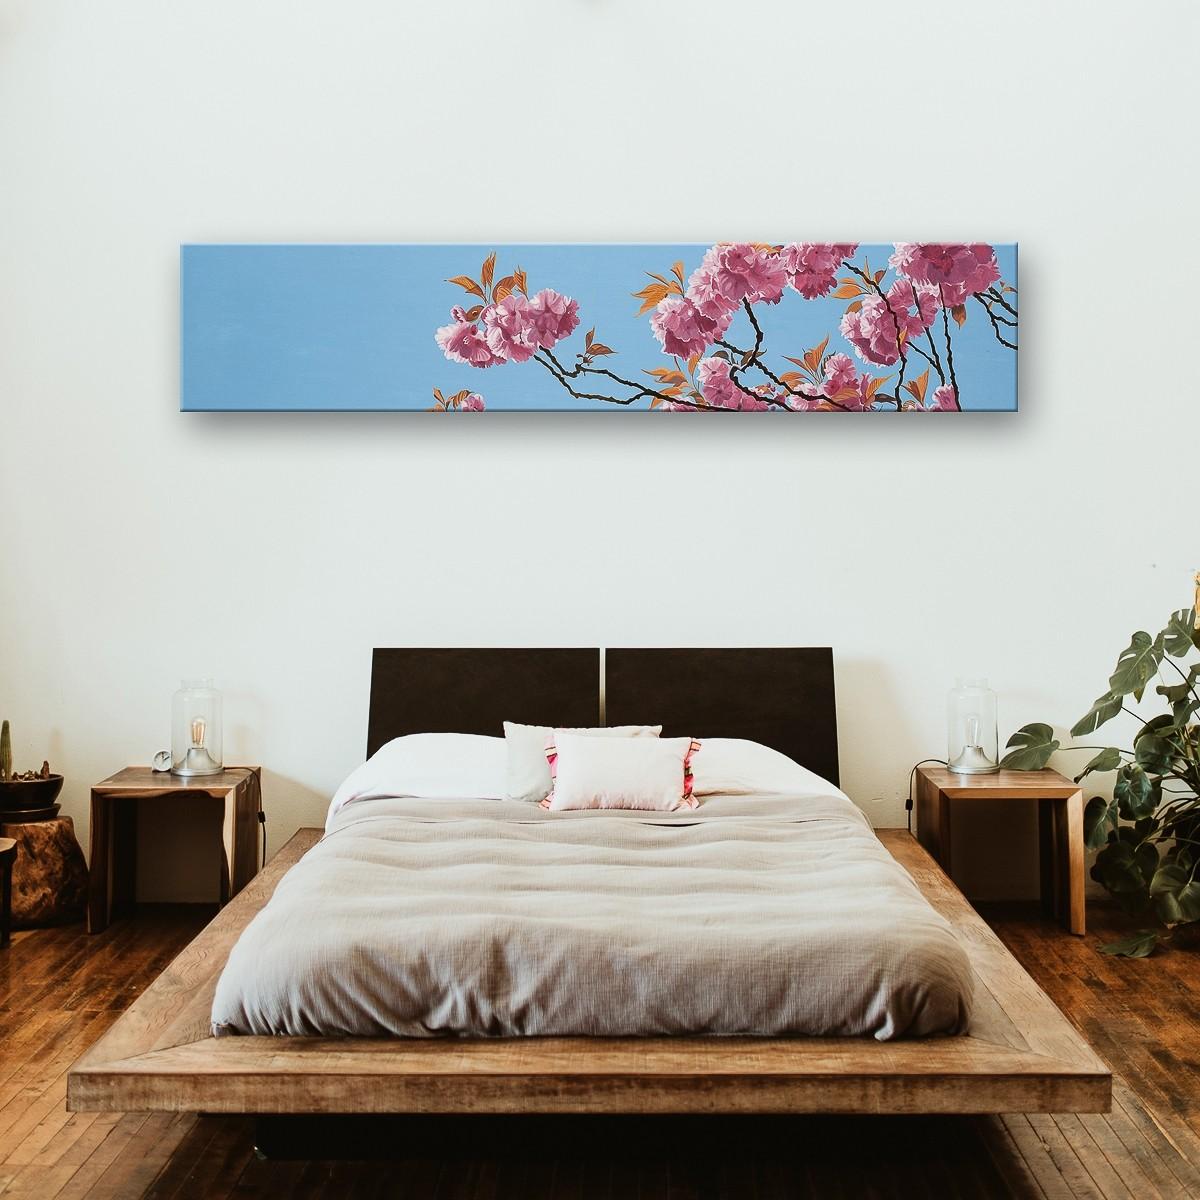 Baumblüte | Malerei von Sven Wiebers | Acryl auf Baumwolle, realistisch - 2